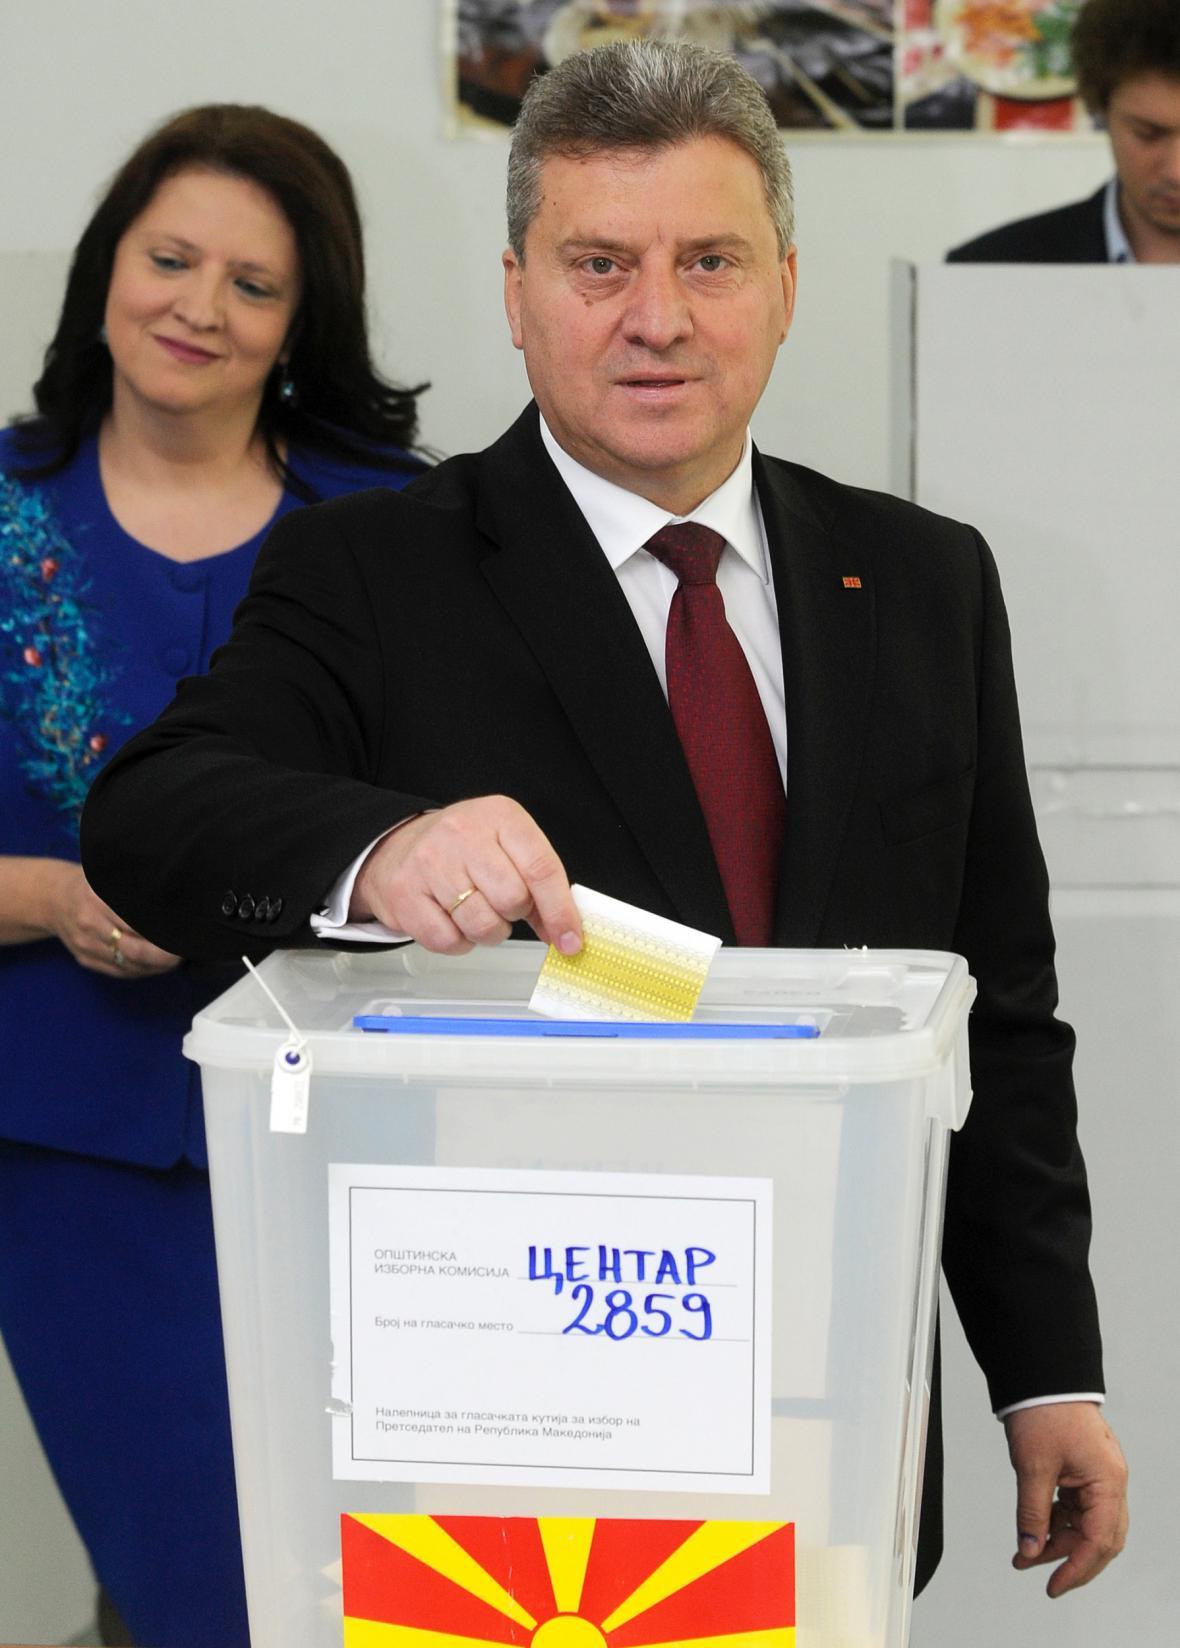 Gjorge Ivanov u volební urny